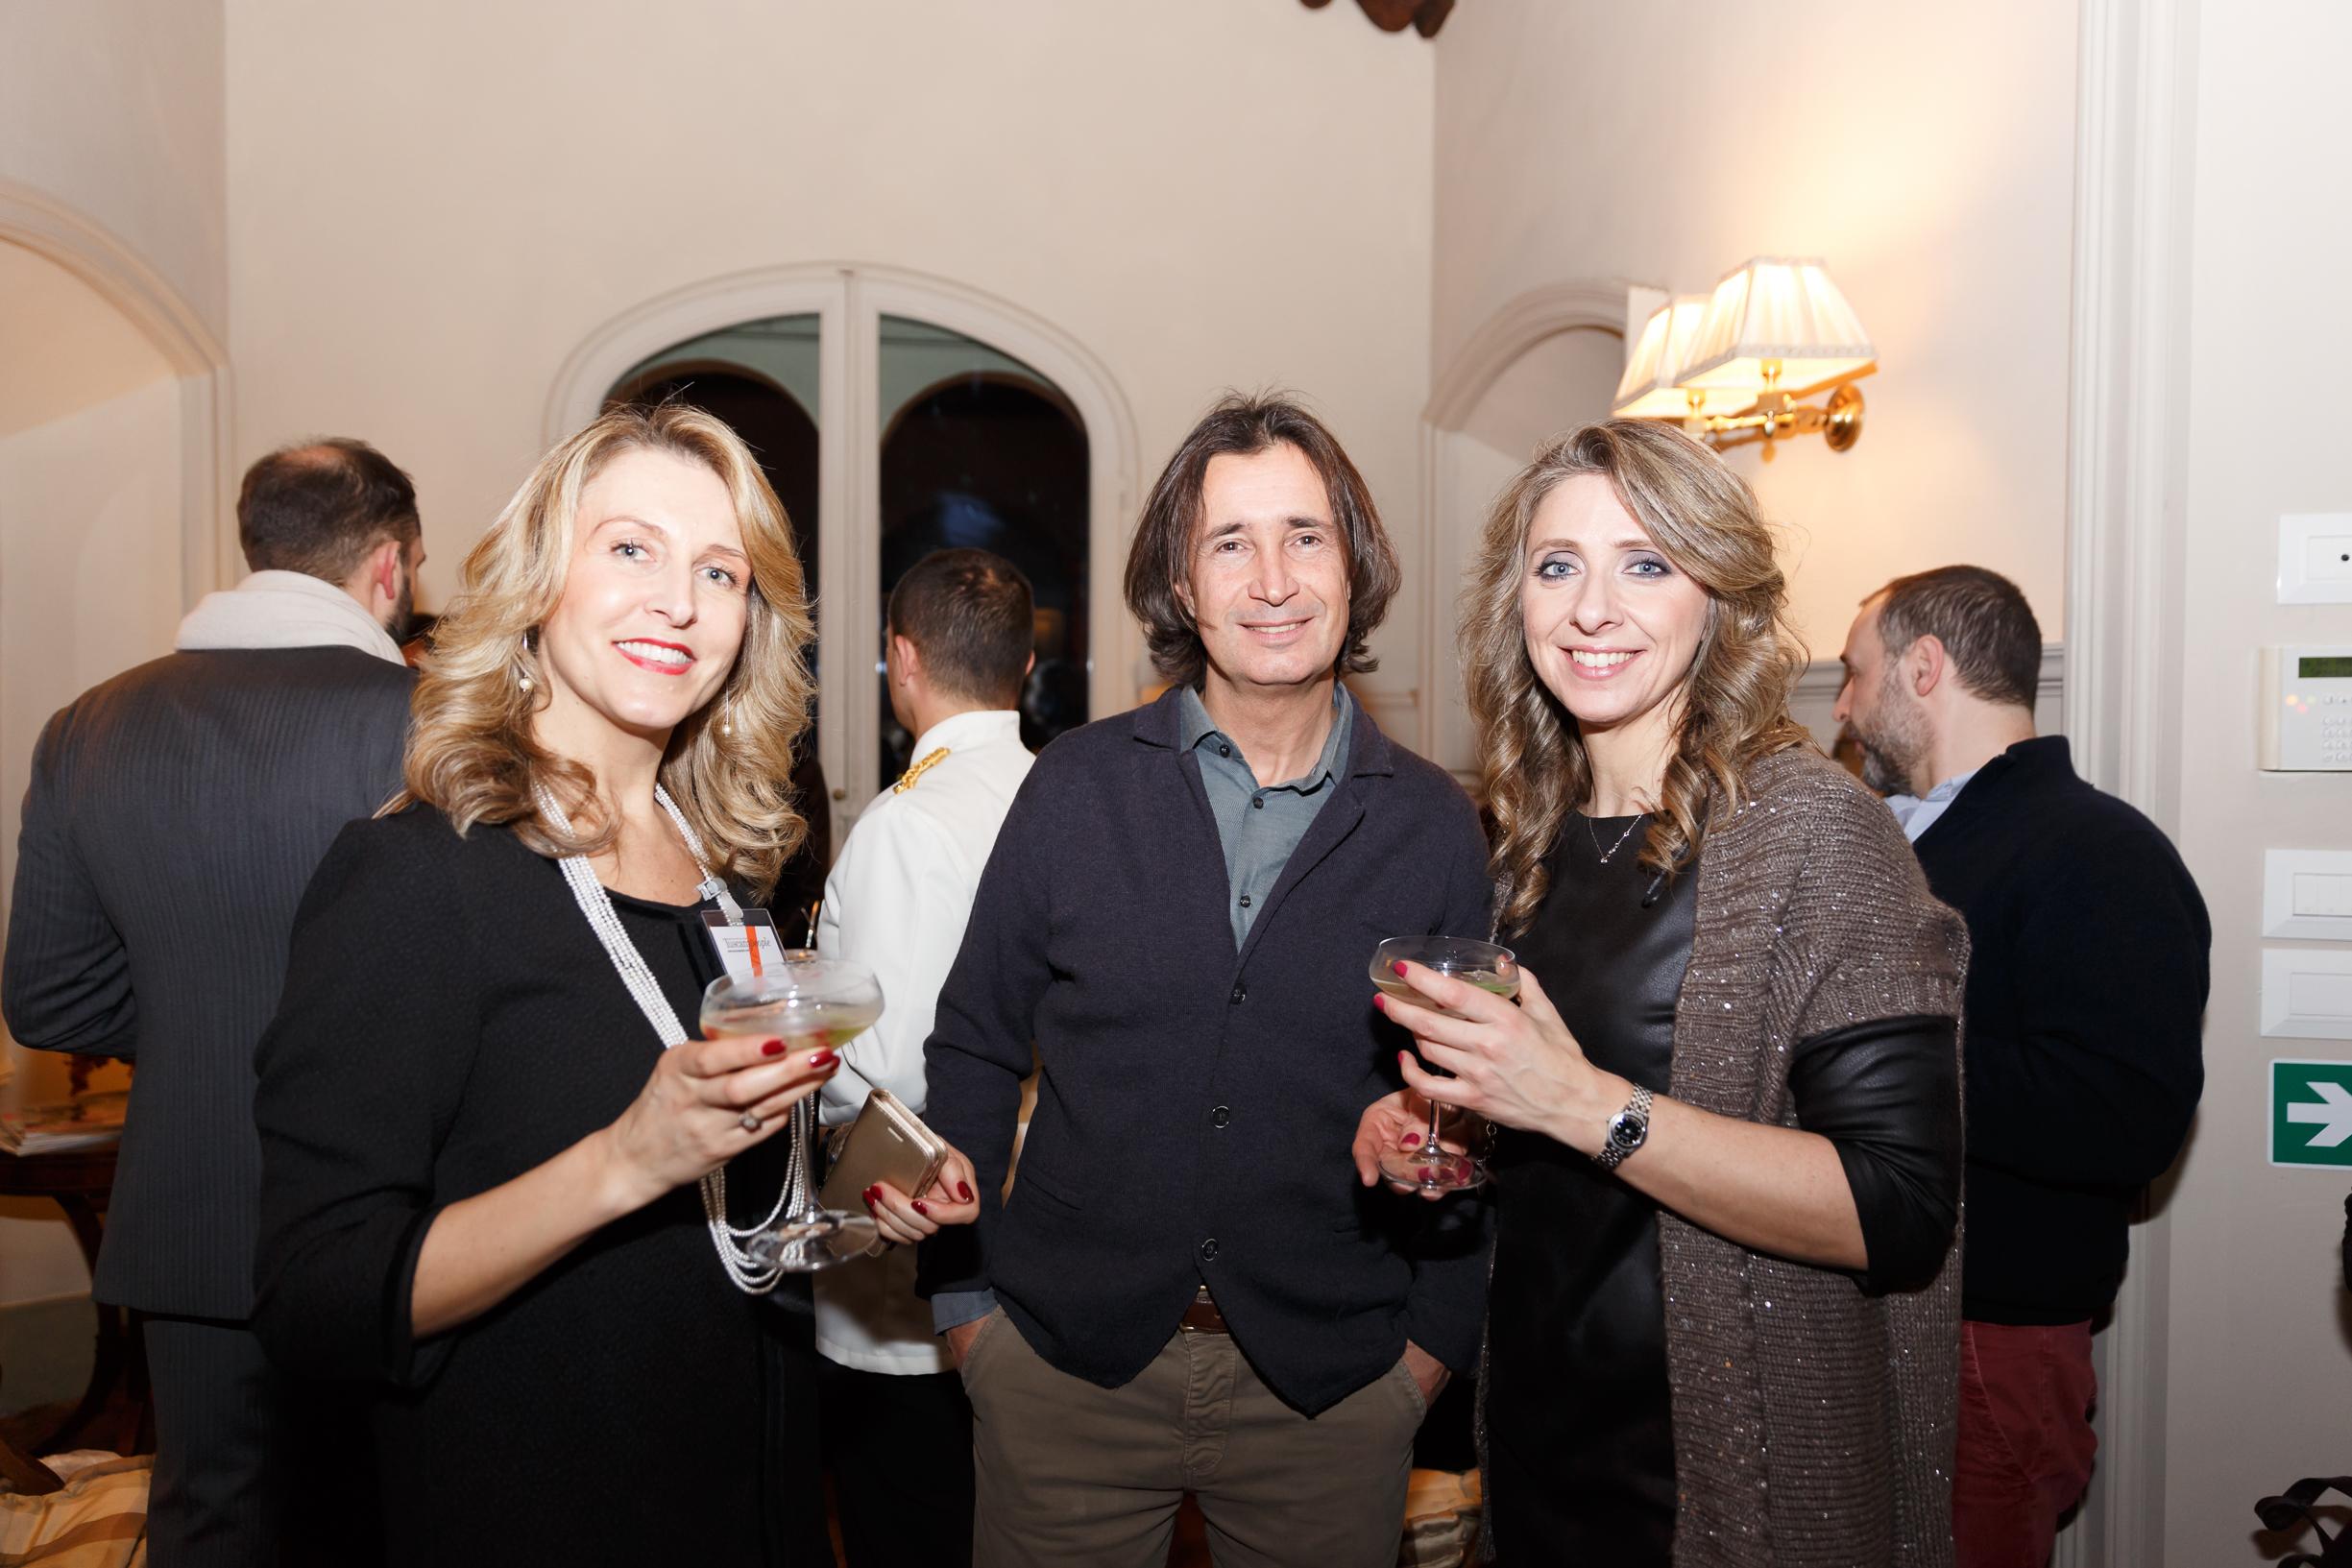 La Grande Bellezza ovvero la cena segreta o supper club o social dinner made in Tuscany firmata TuscanyPeople ha registrato il tutto esaurito